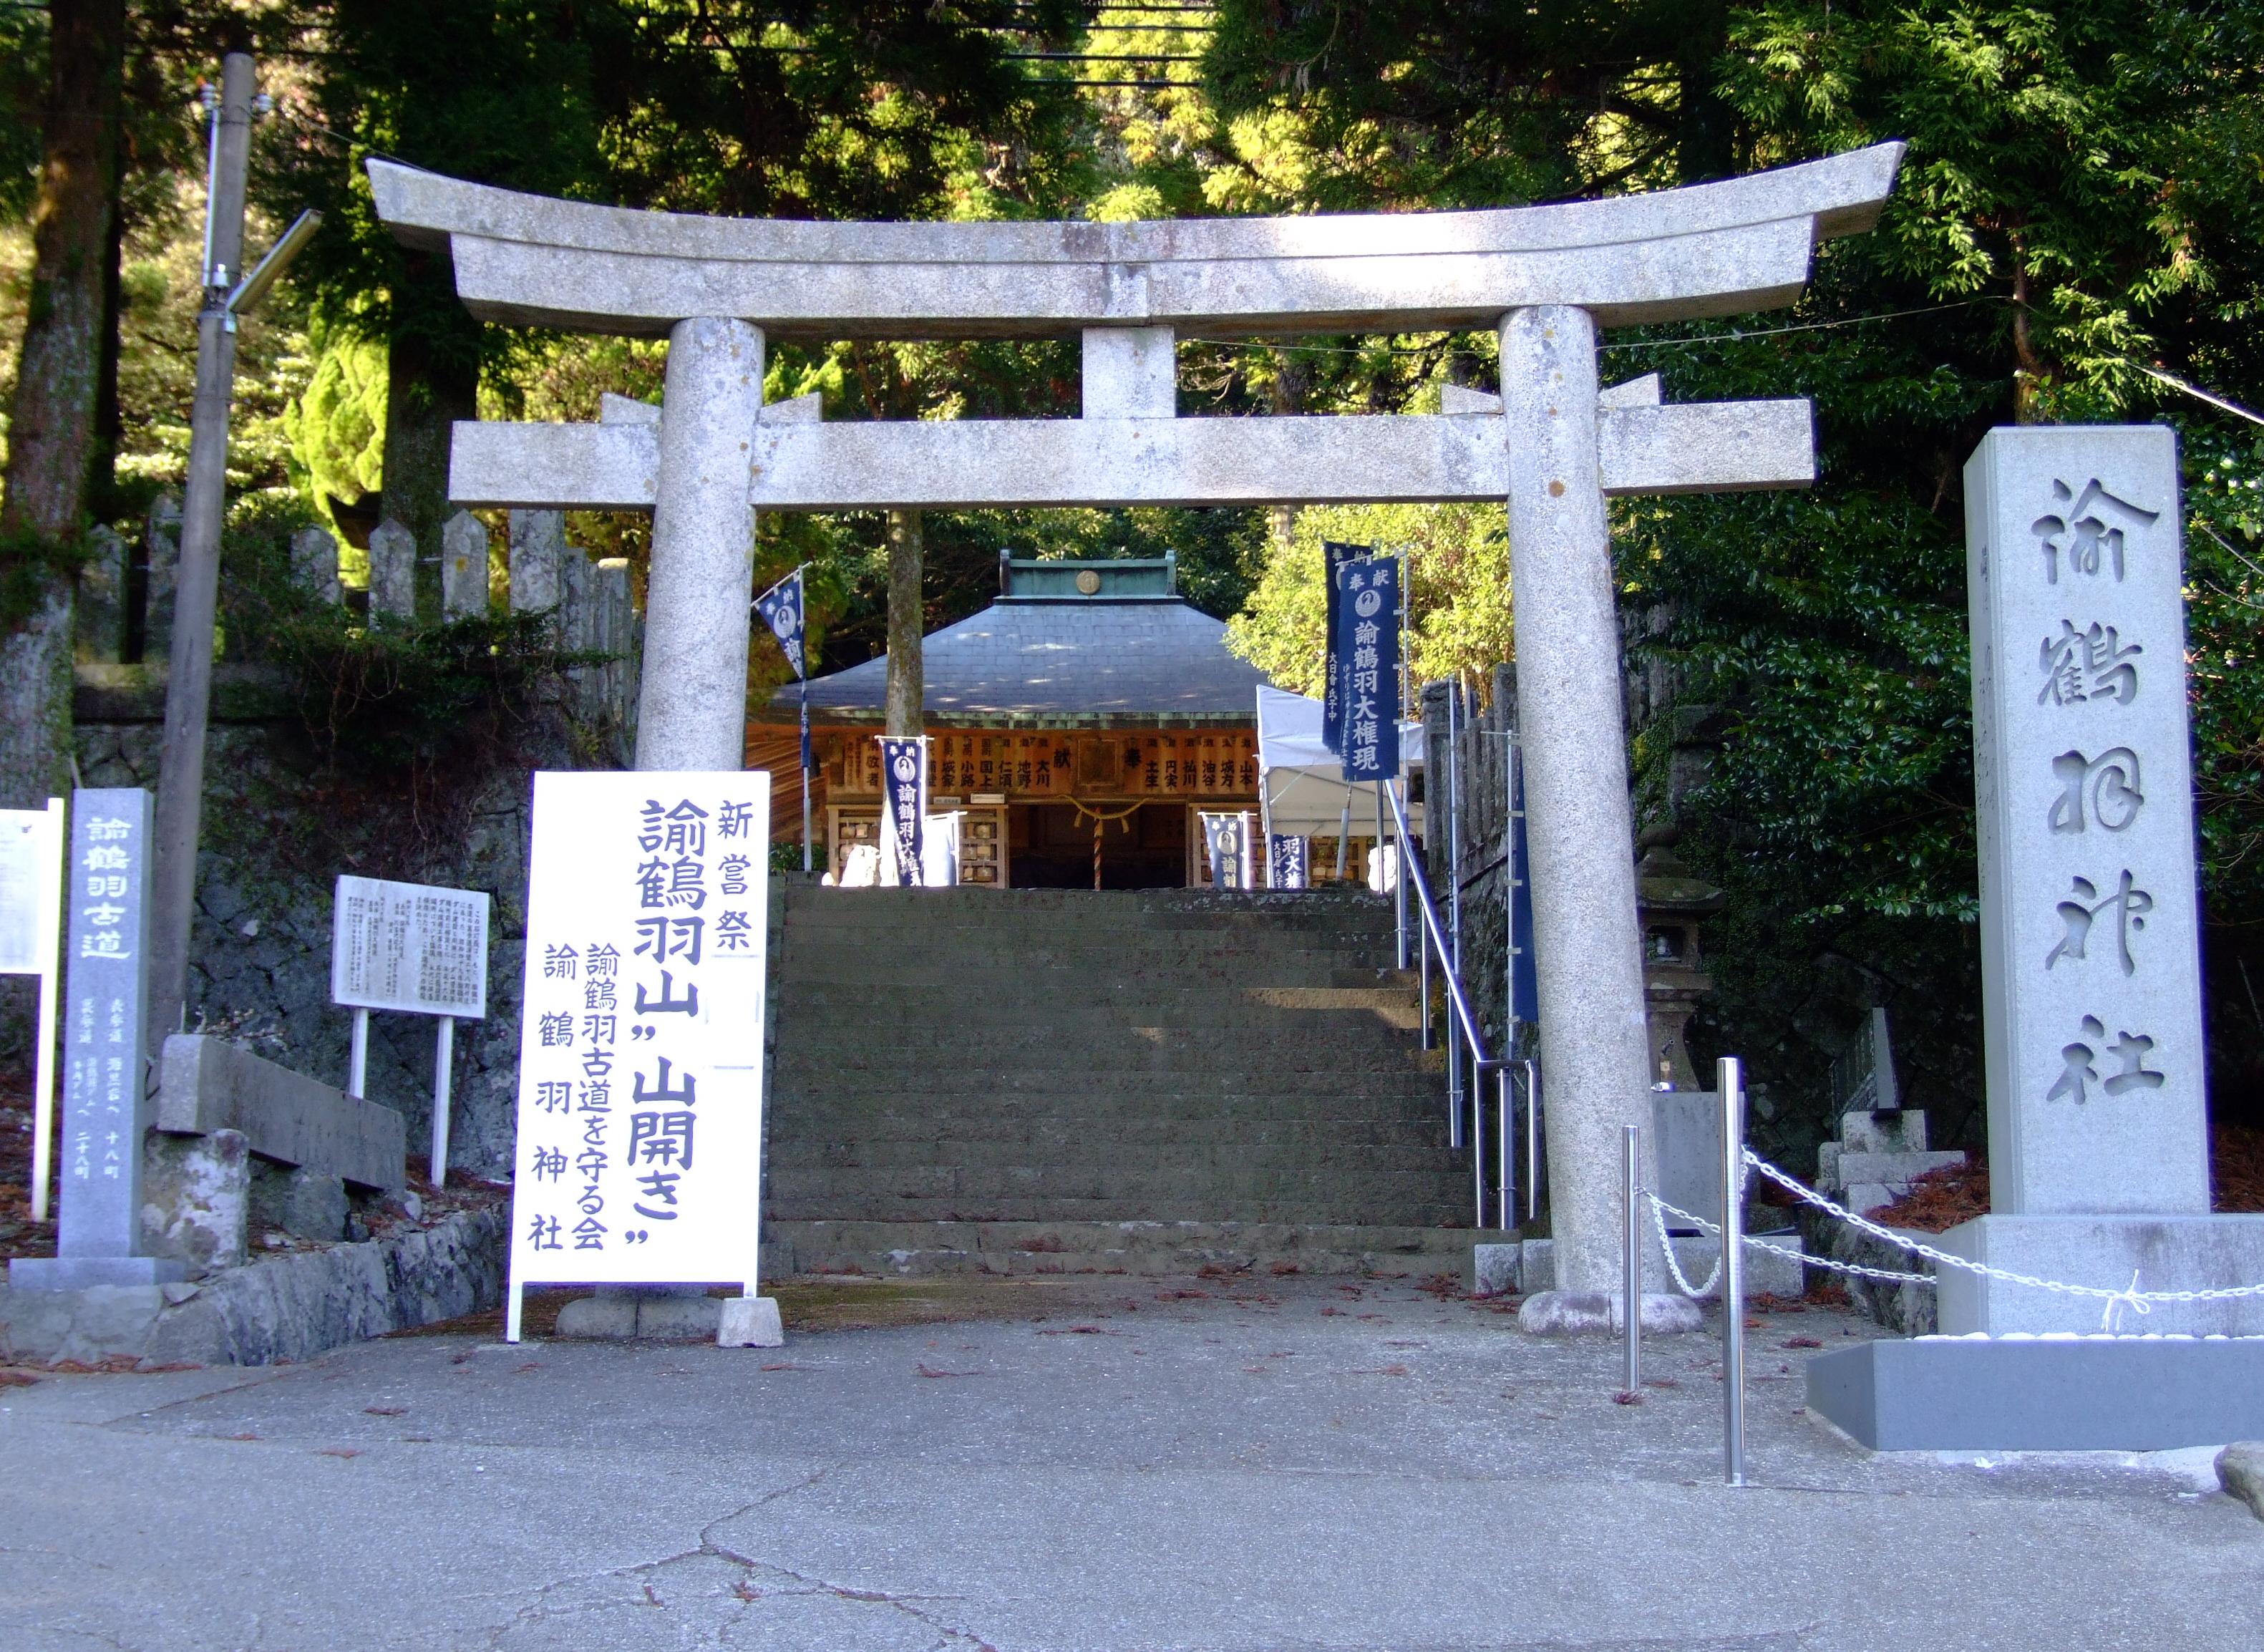 諭鶴羽神社.jpg